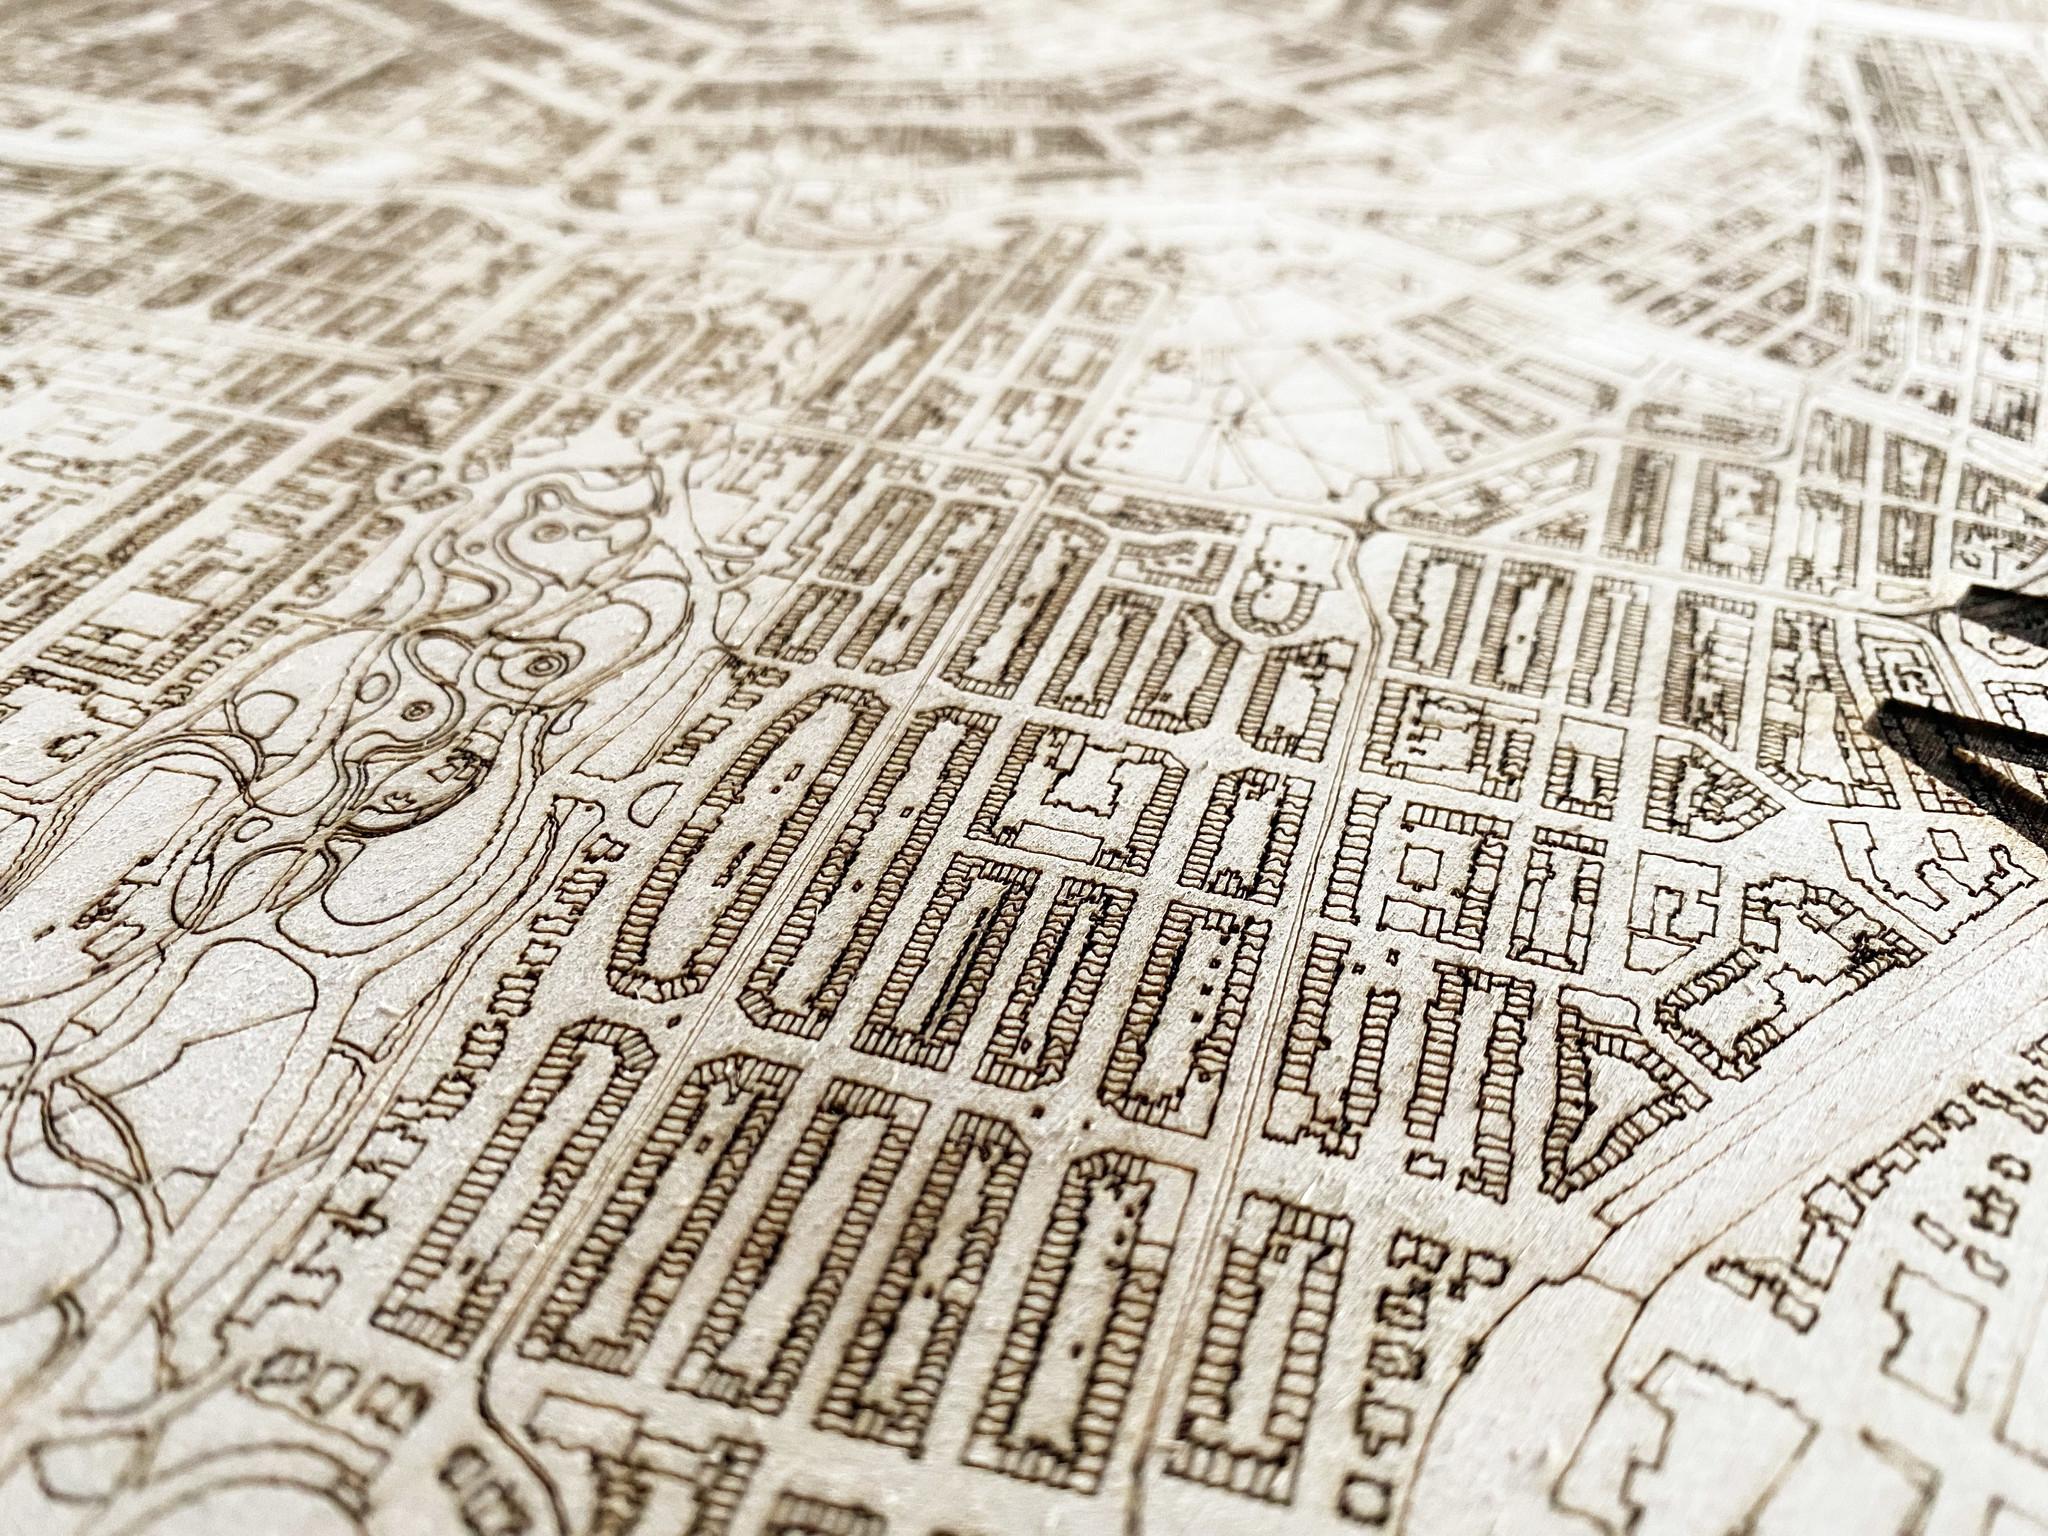 Houten stadsplattegrond Terneuzen-3